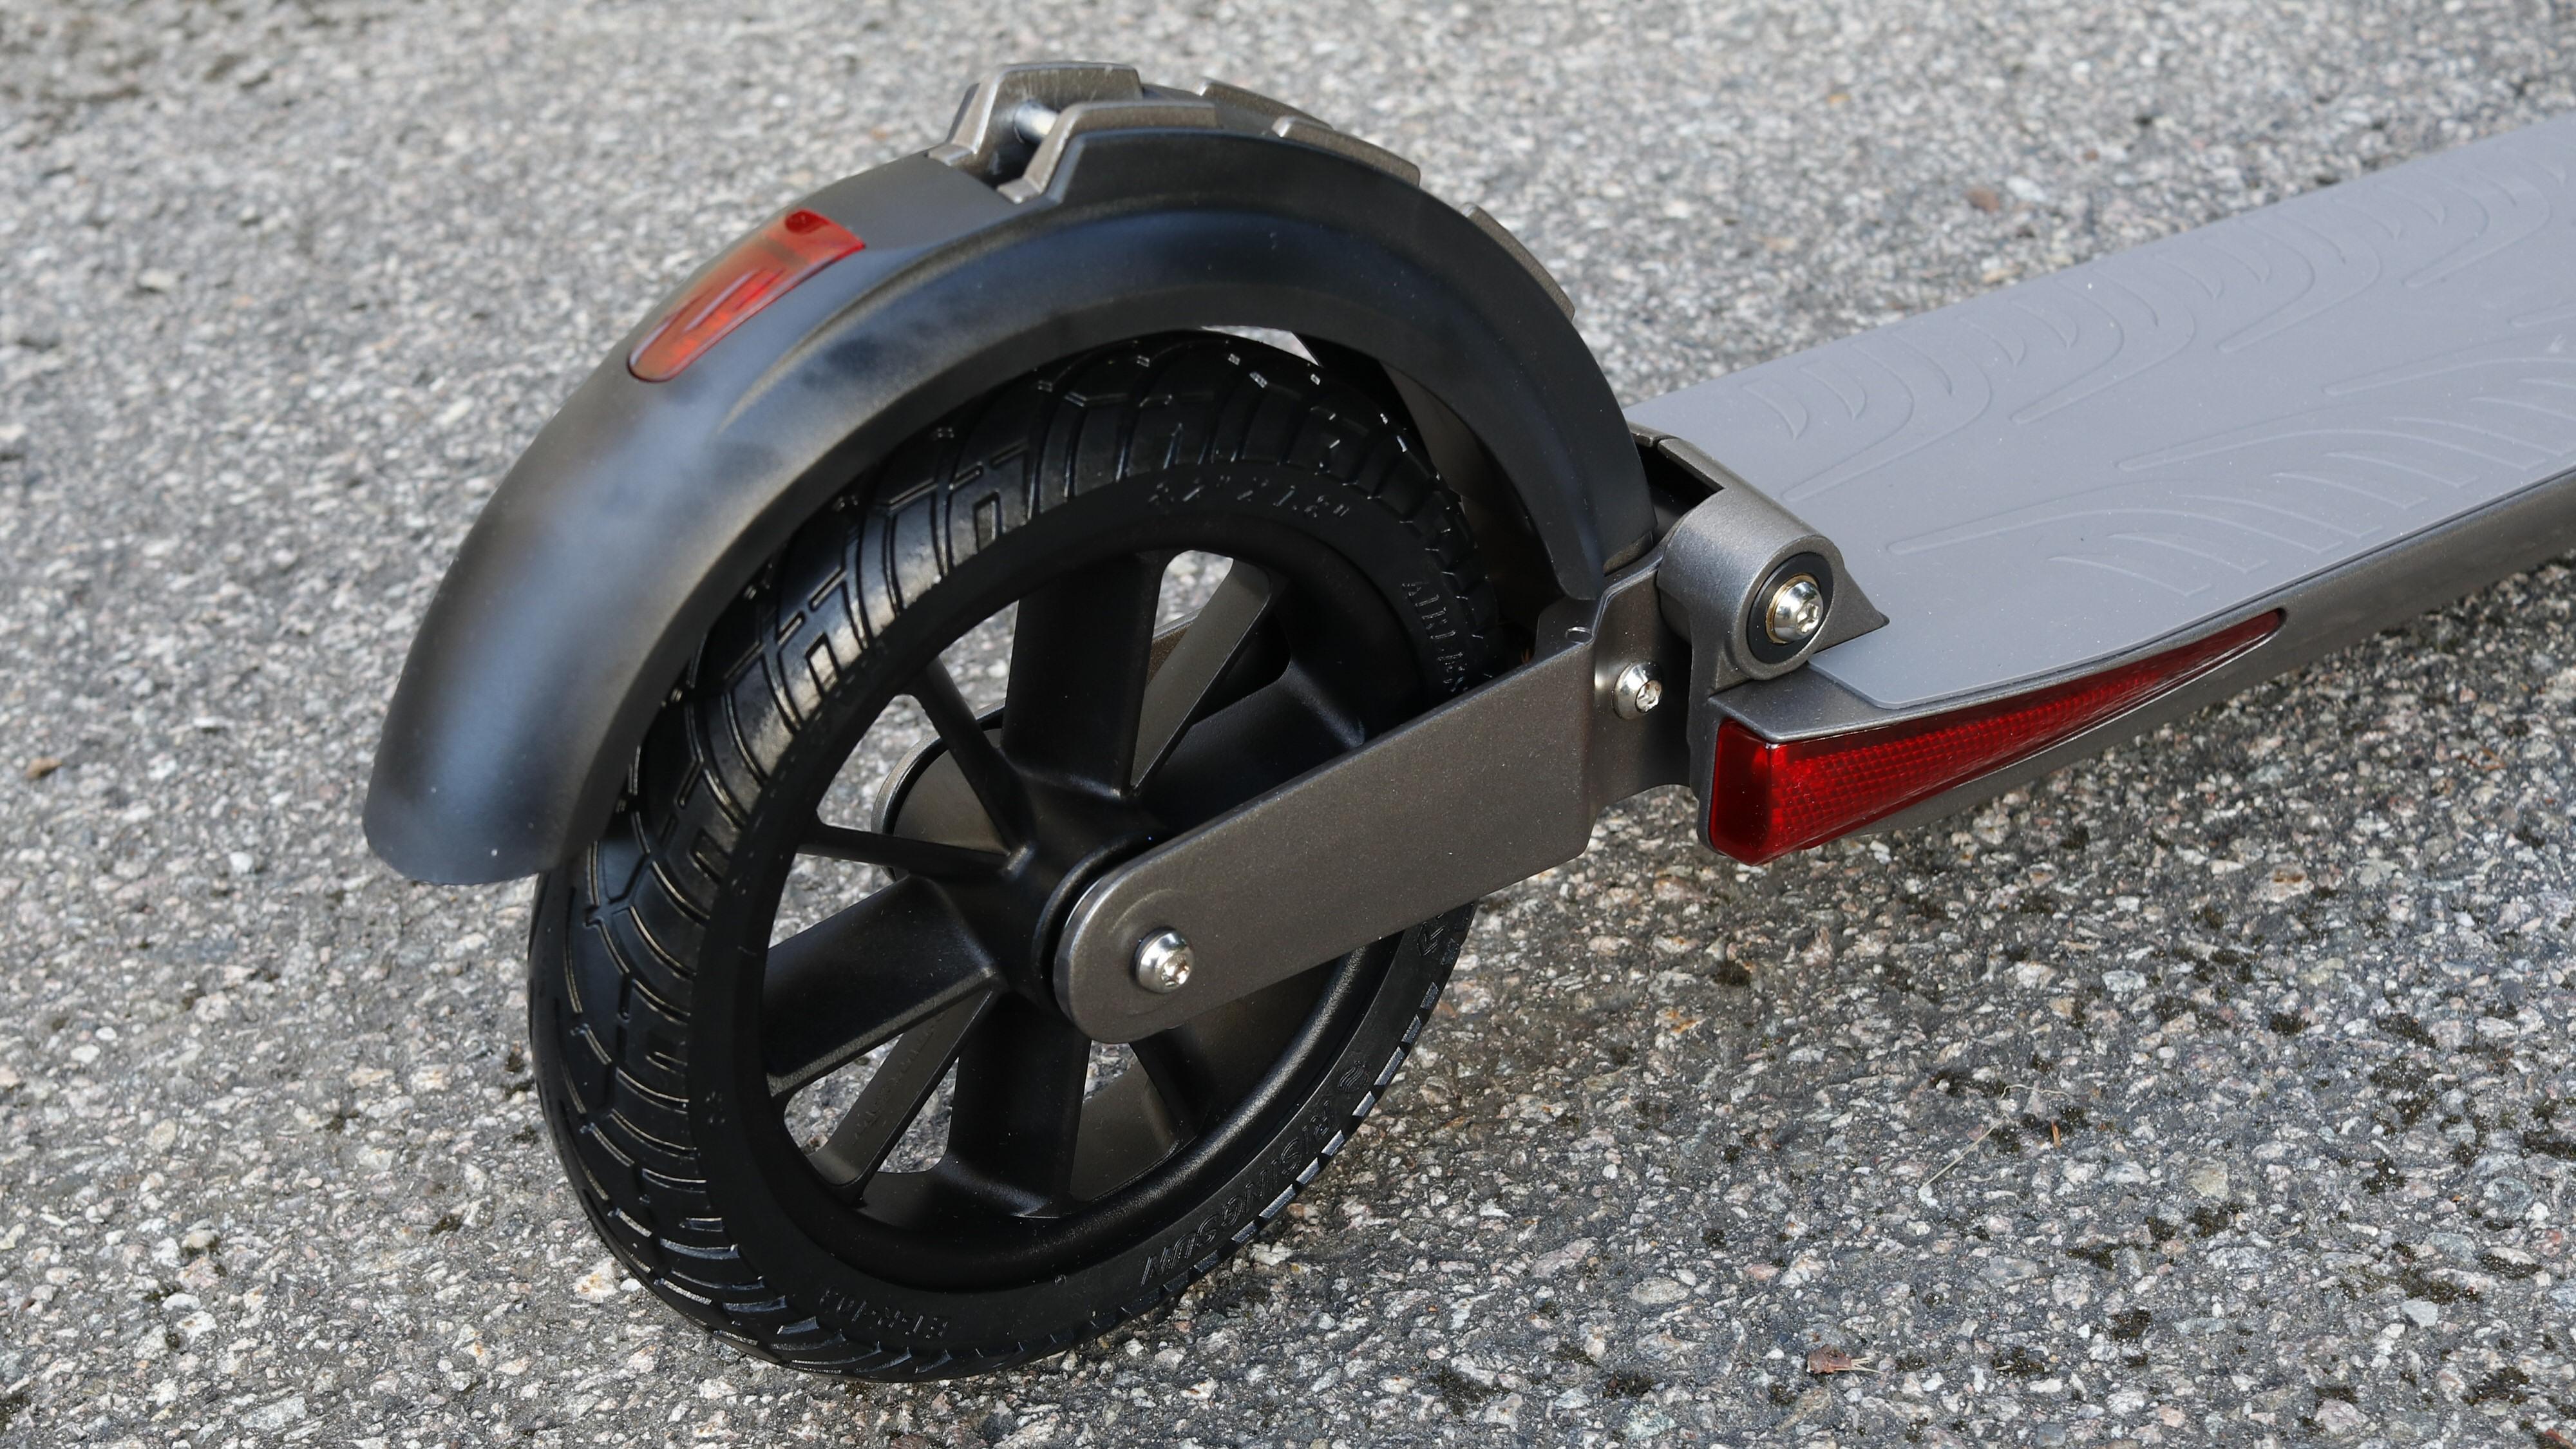 Bakskjermen kan tråkkes ned for å skubbe på hjulet.